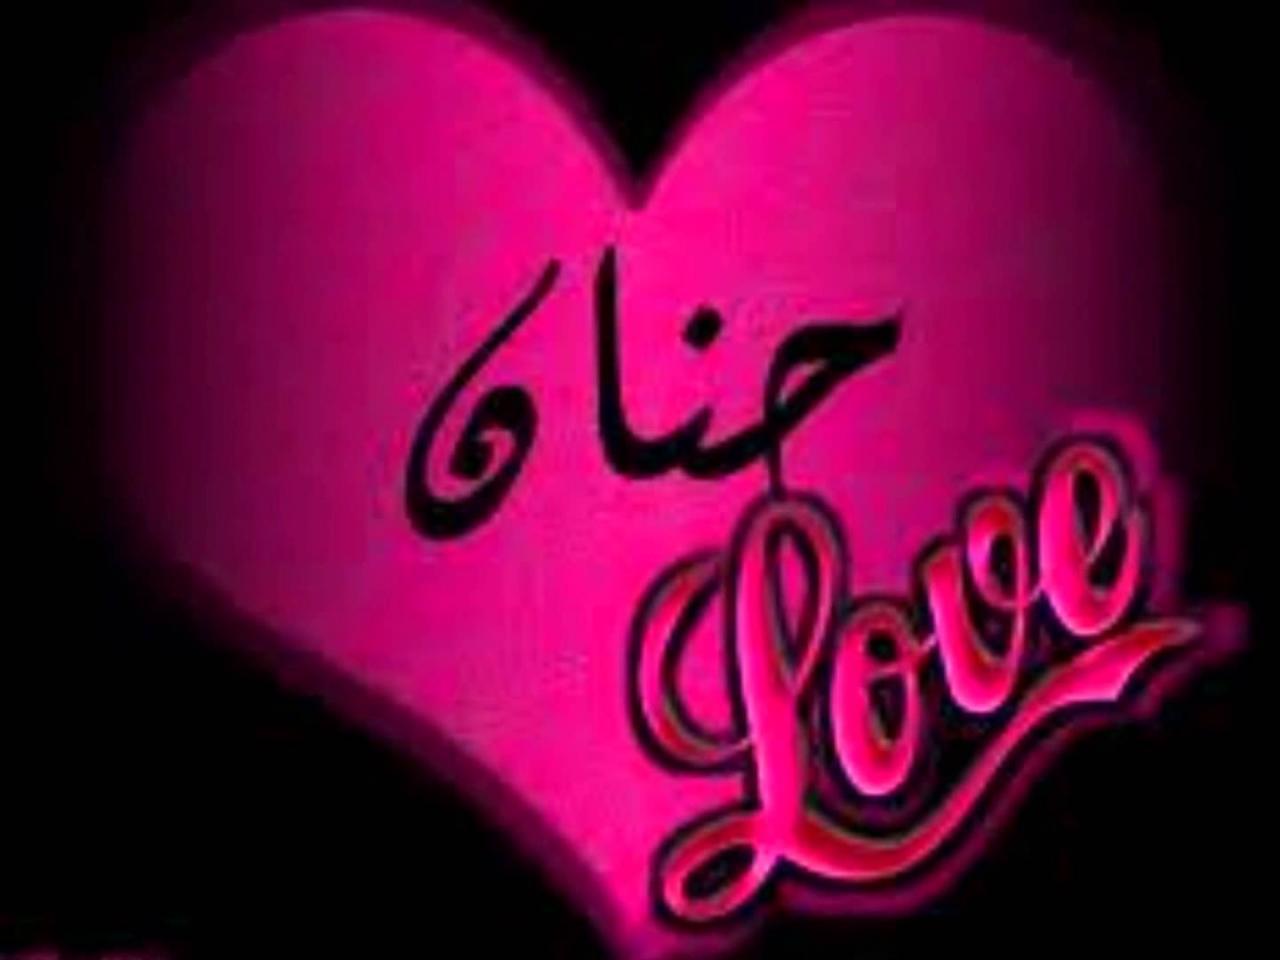 صورة اجمد الخلفيات باسم حنان,معنى اسم حنان في علم النفس 6344 4